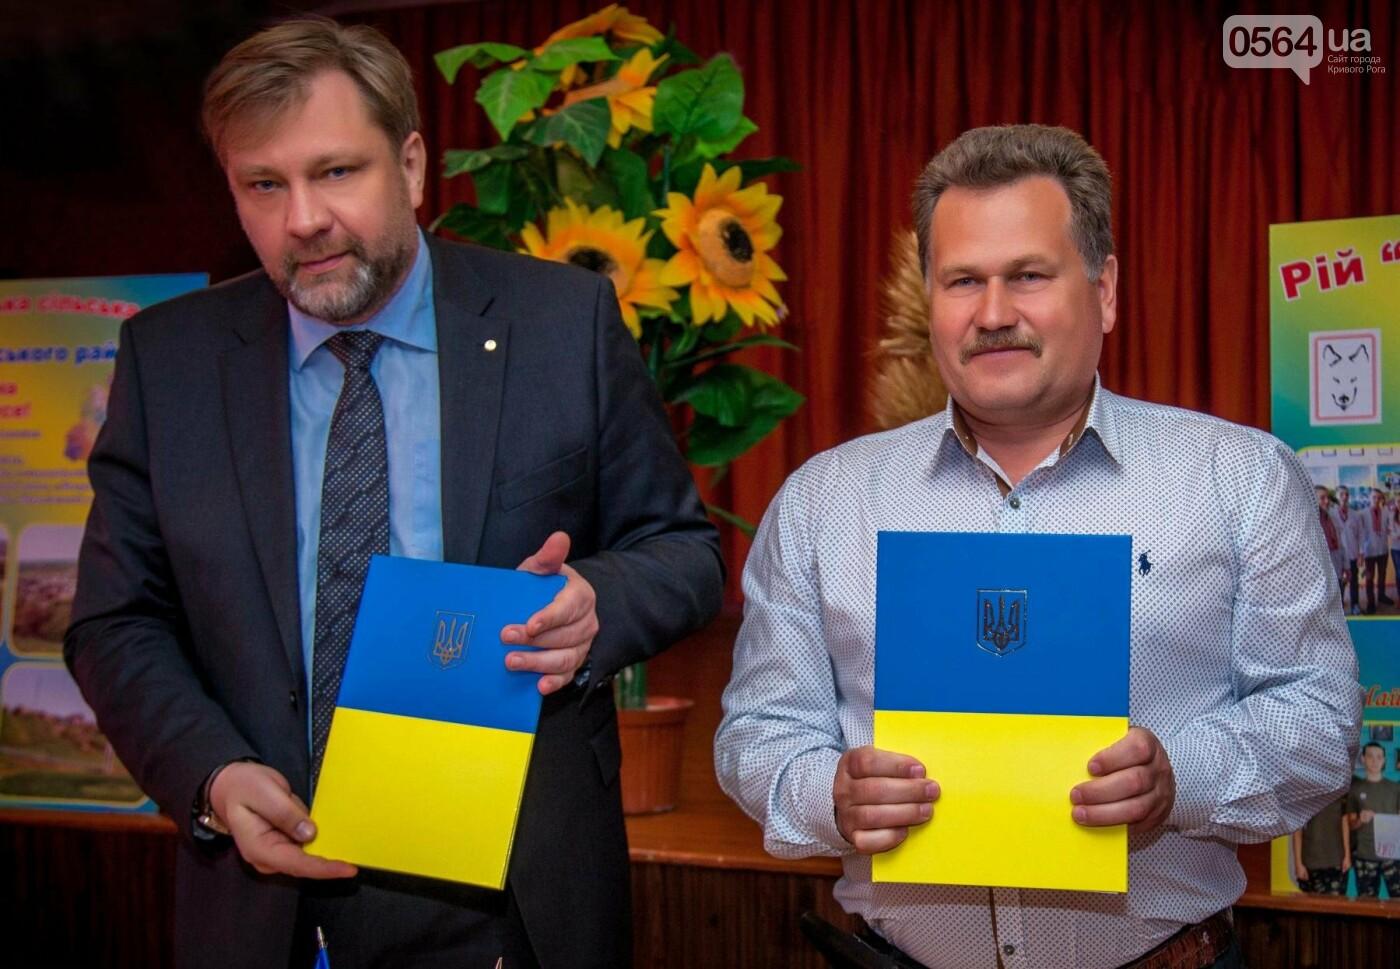 ЮГОК направит 3,5 миллиона гривен на развитие Новолатовской объединенной громады, фото-2